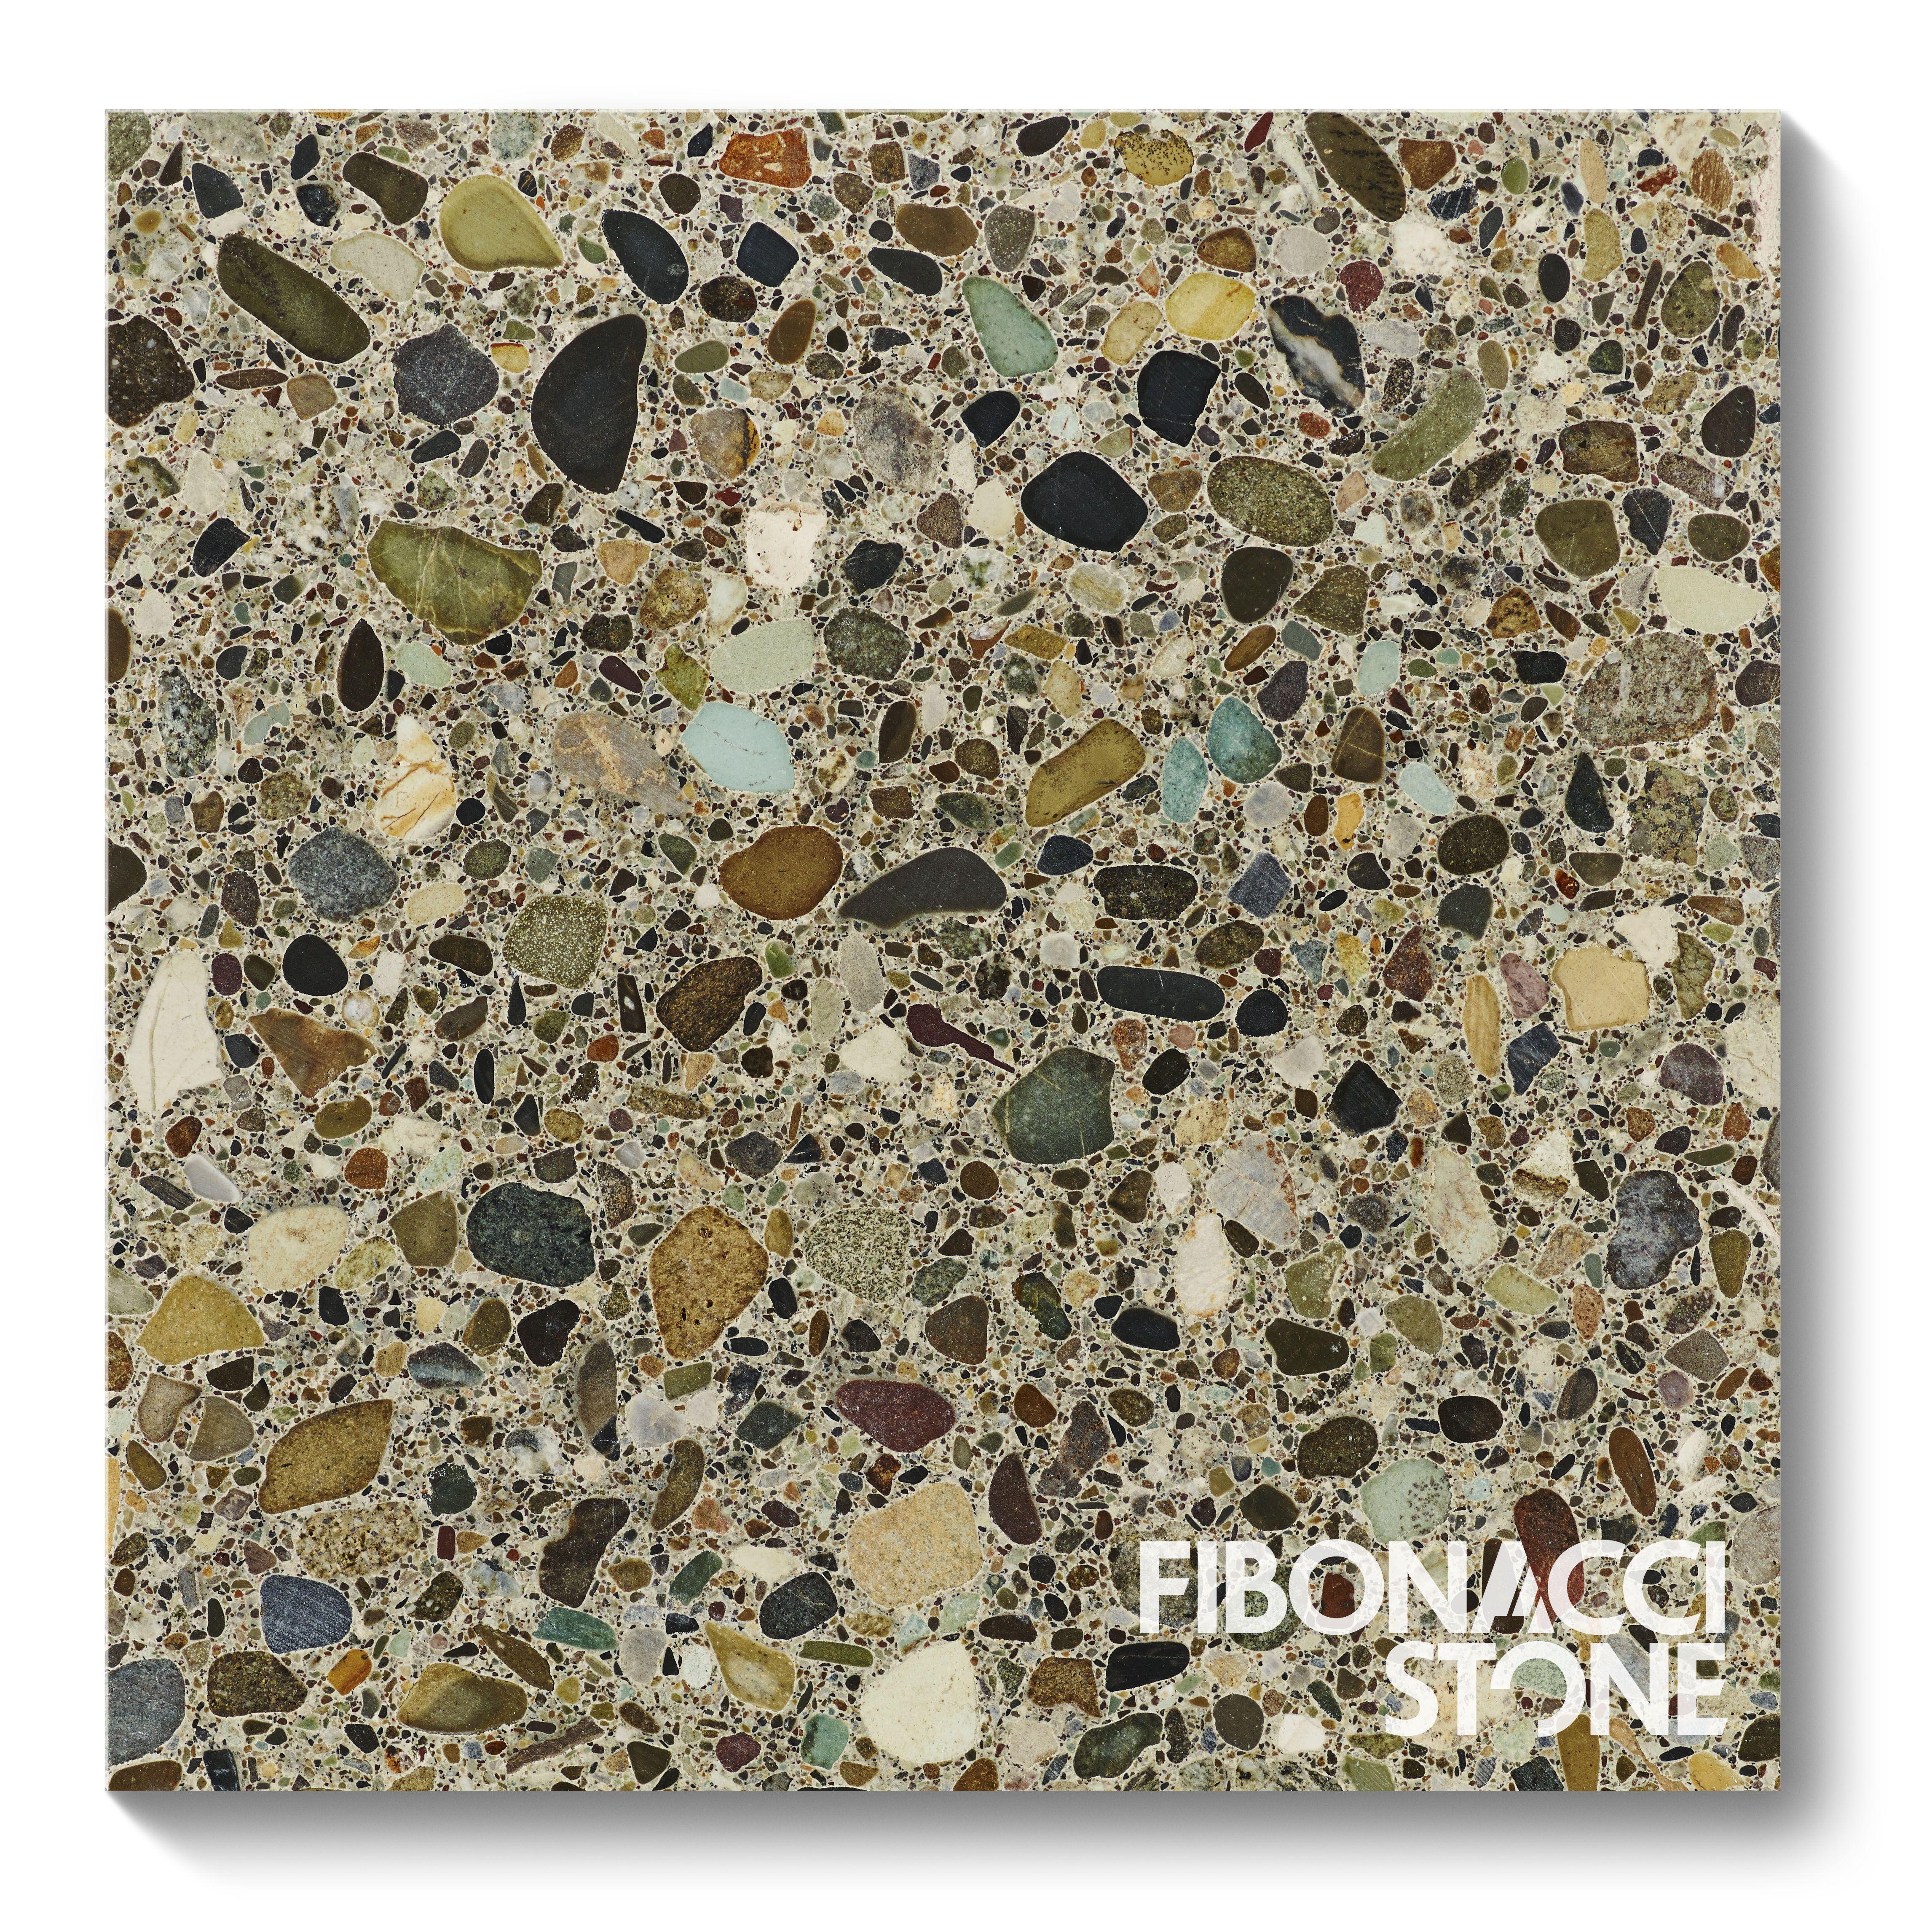 Fibonacci Stone Earth Honed #Fibonacci #Fibonaccistone